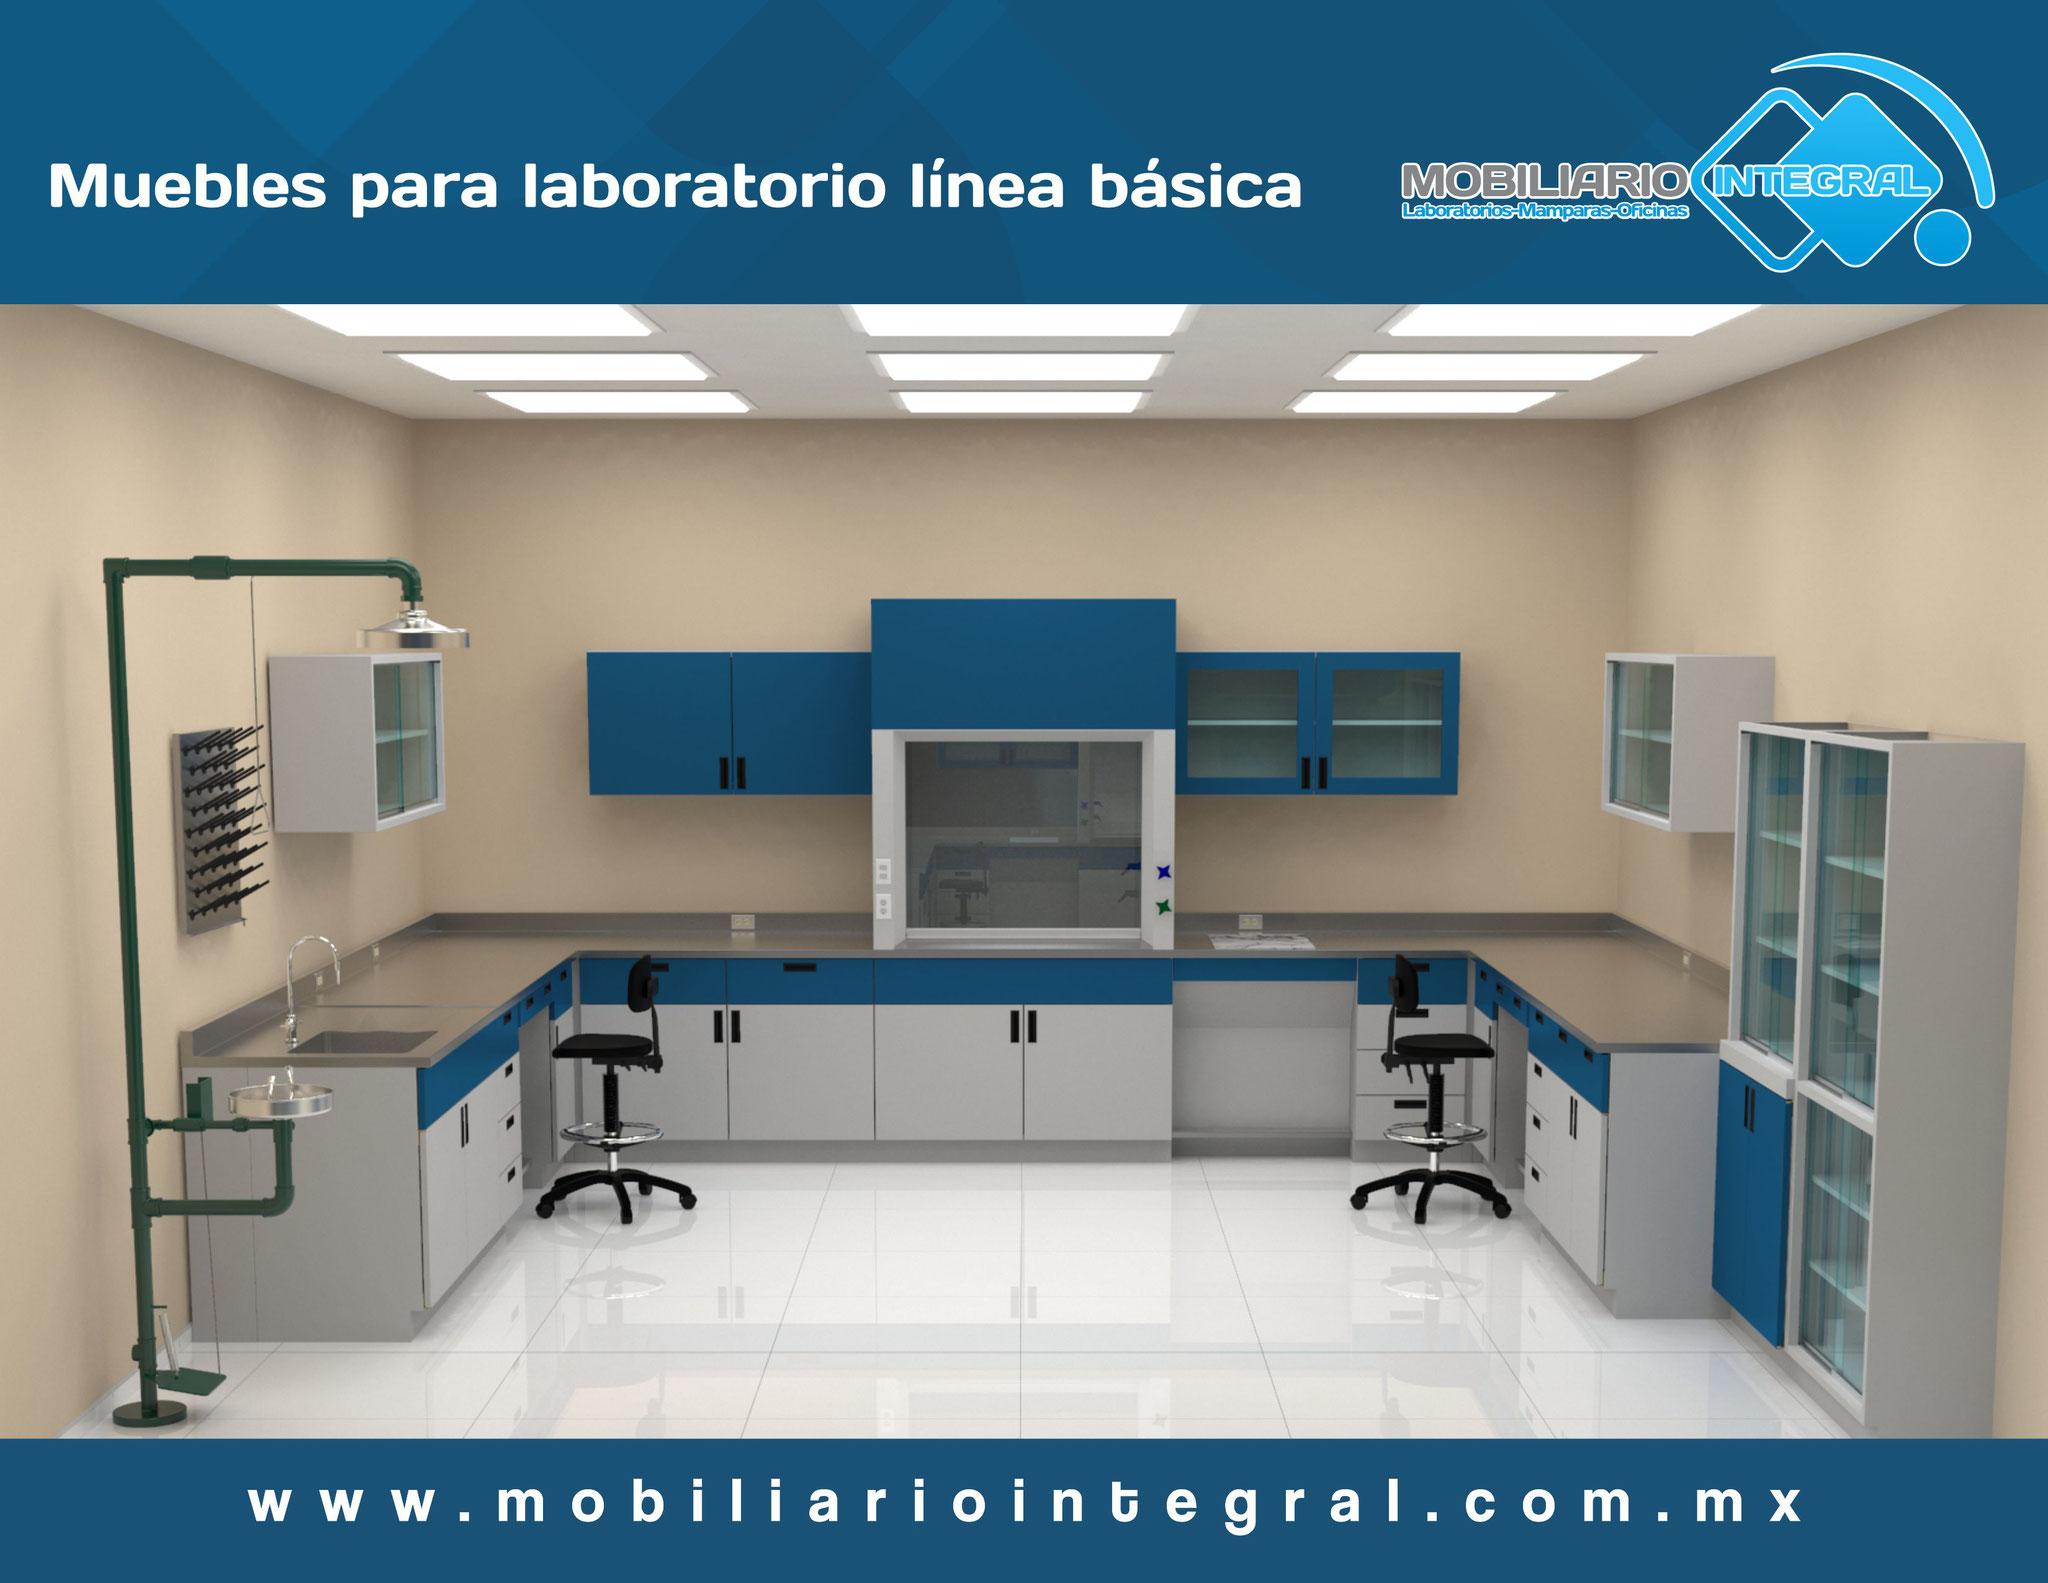 Muebles para laboratorio en Manzanillo